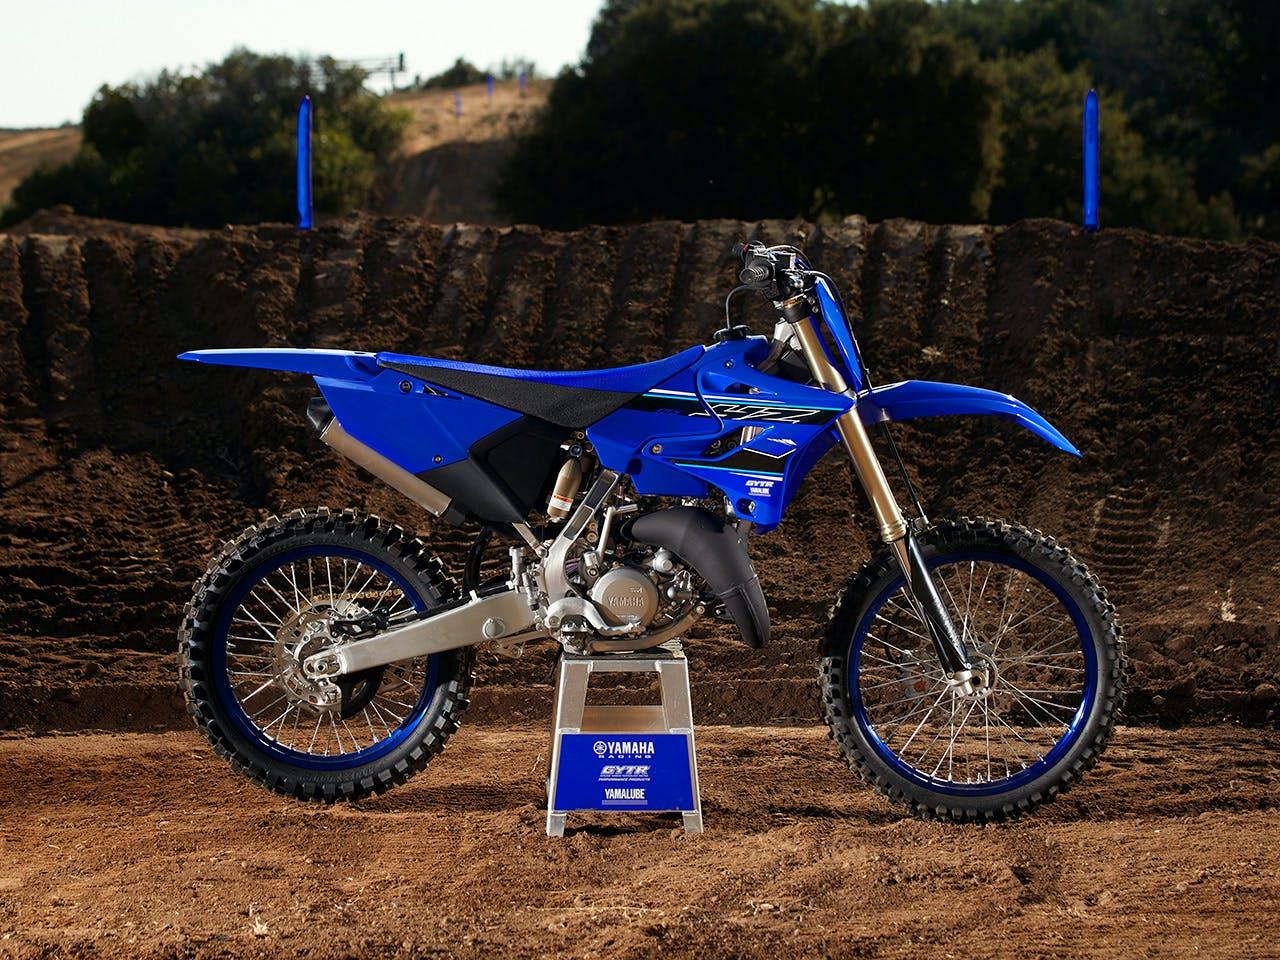 Yamaha YZ125 in team yamaha blue colour